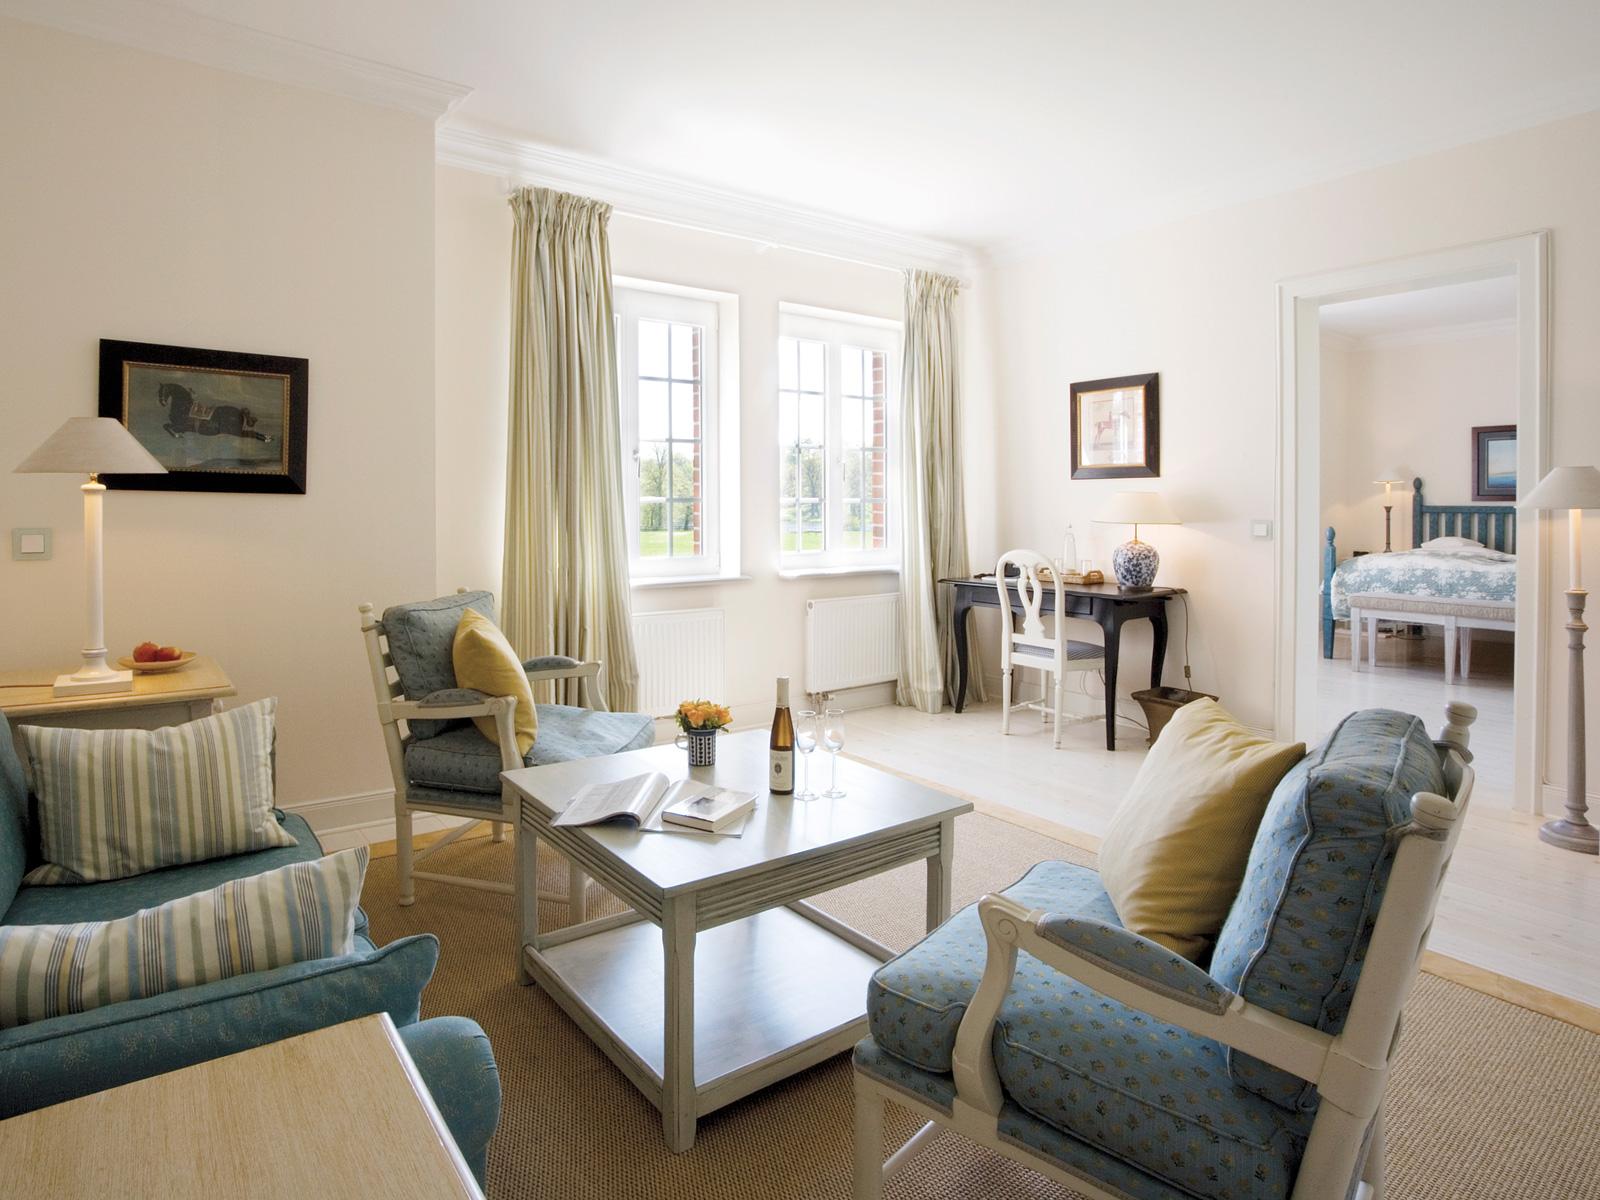 viel platz zum tr umen hotel restaurant ole liese. Black Bedroom Furniture Sets. Home Design Ideas